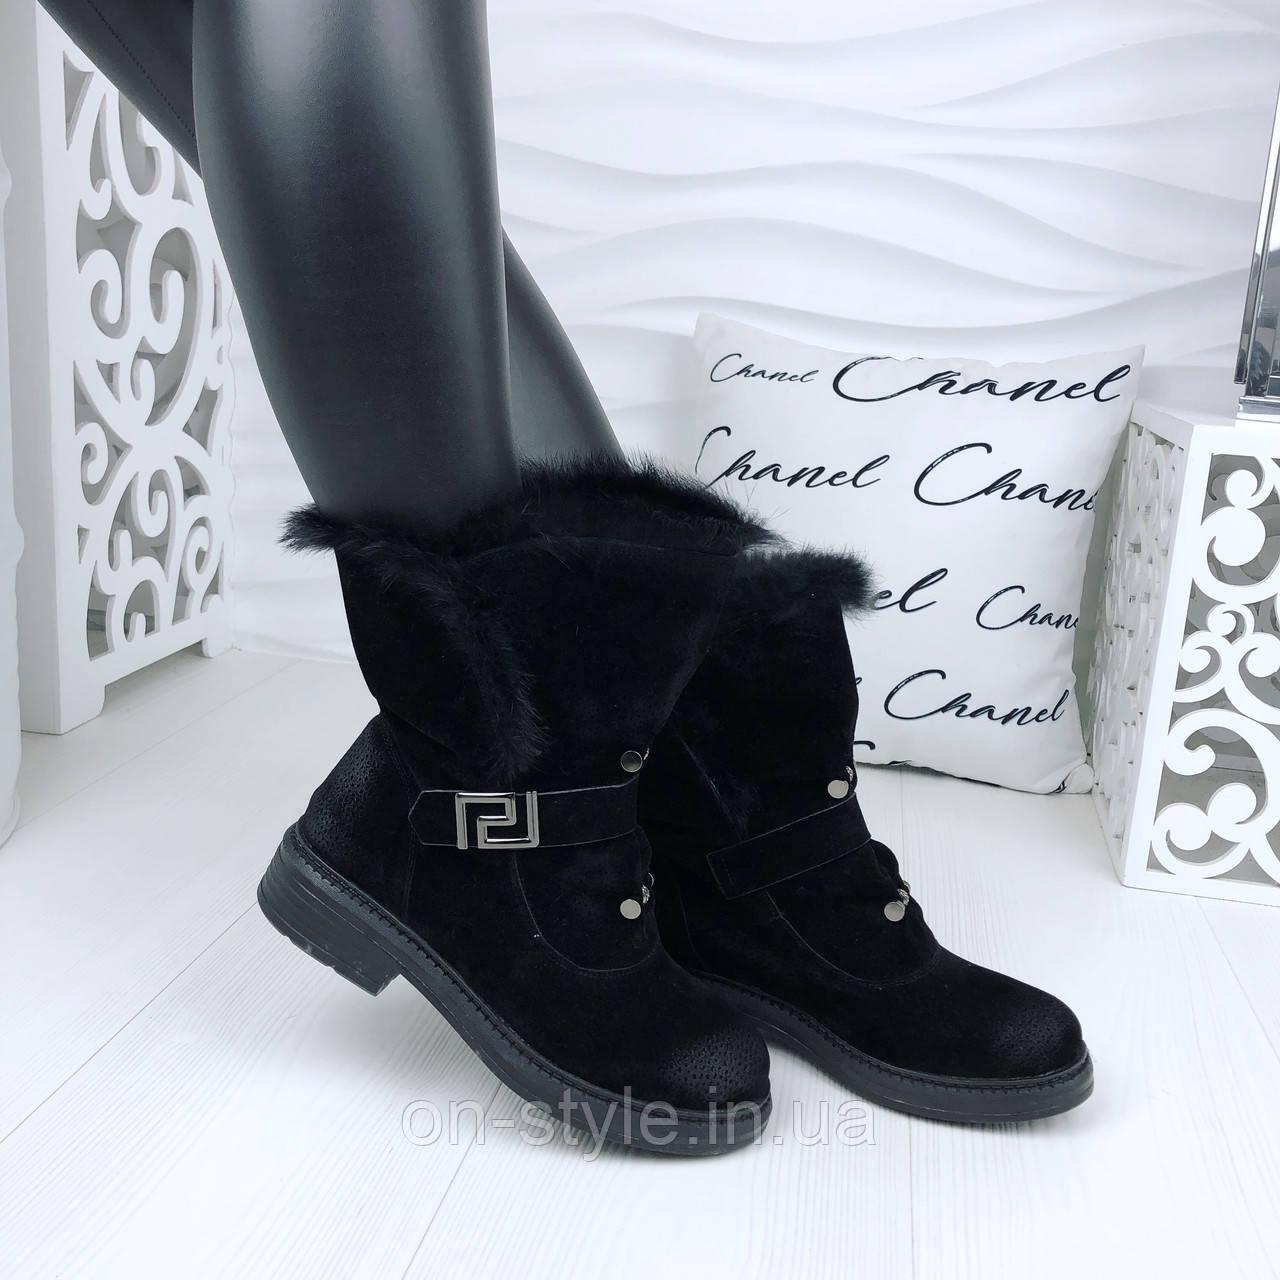 eaac277011ea Женские замшевые черные стильные ботинки Diesel  продажа, цена в ...